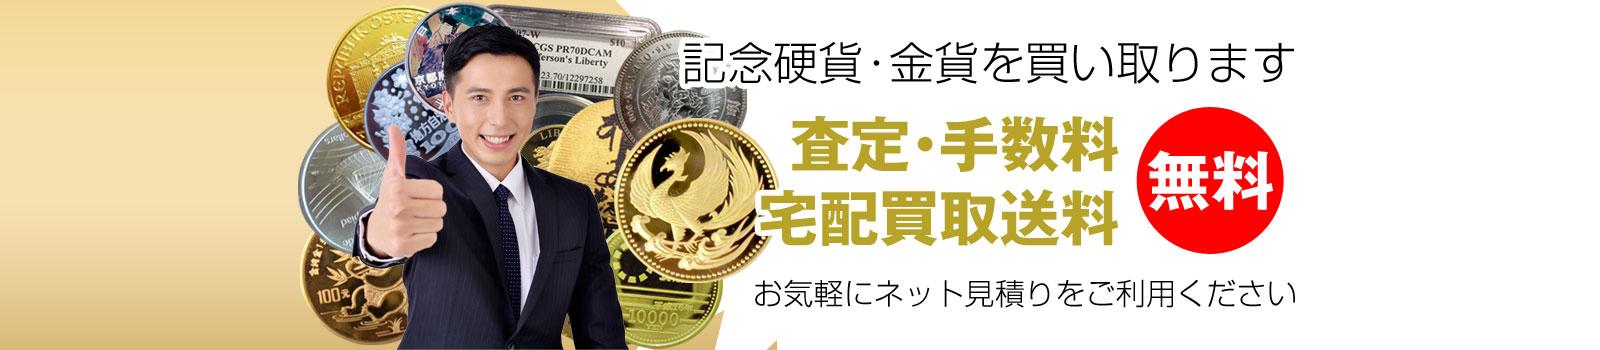 外国金貨を買い取ります。査定無料、宅配買取送料無料